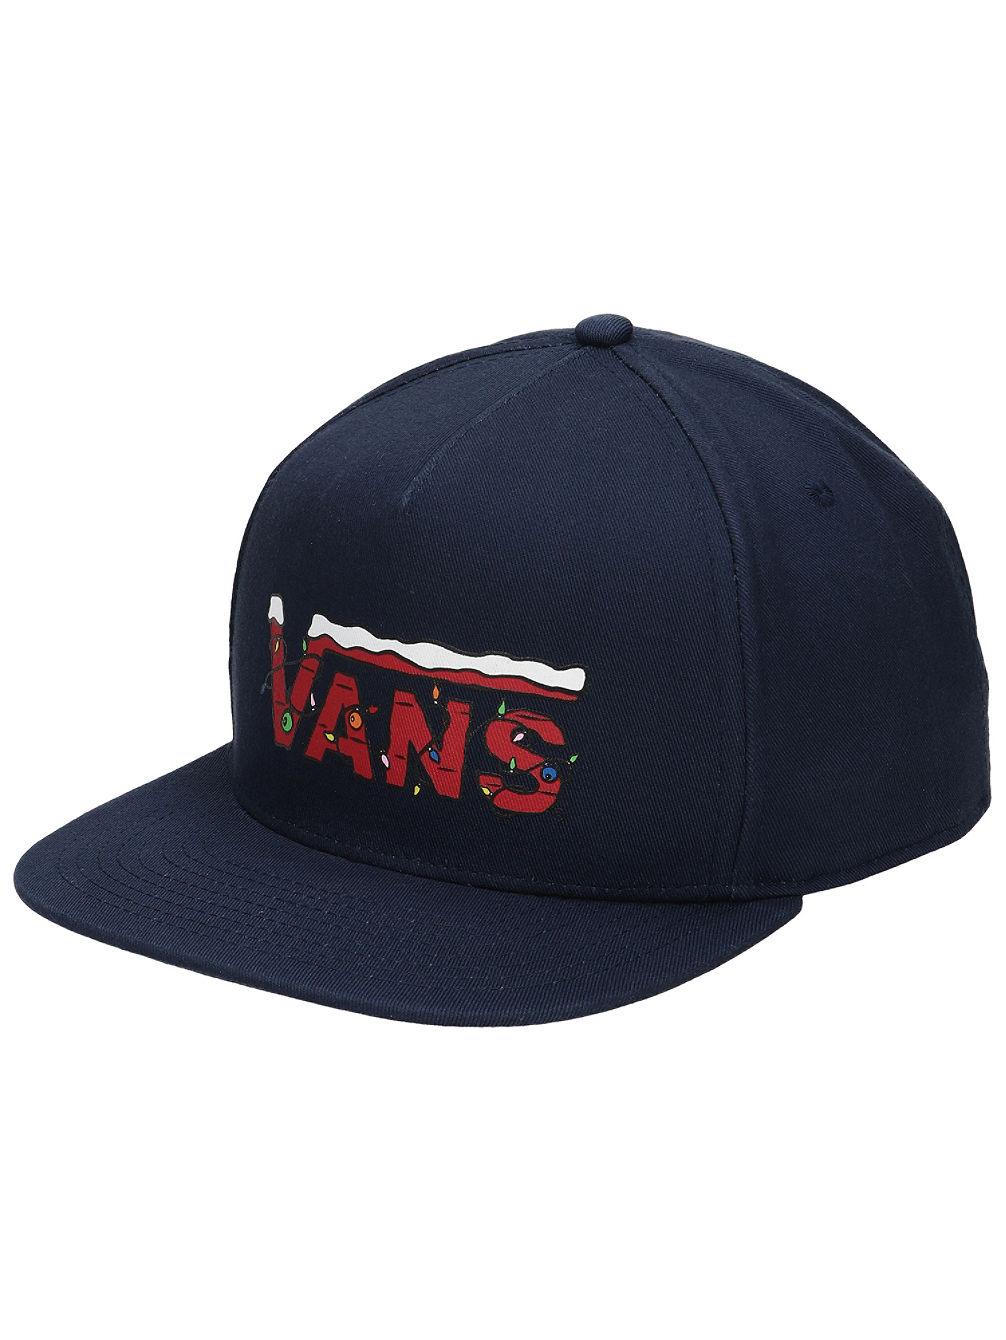 Buy Vans X Peanuts Snapback Cap online at blue-tomato.com c71536d9e90